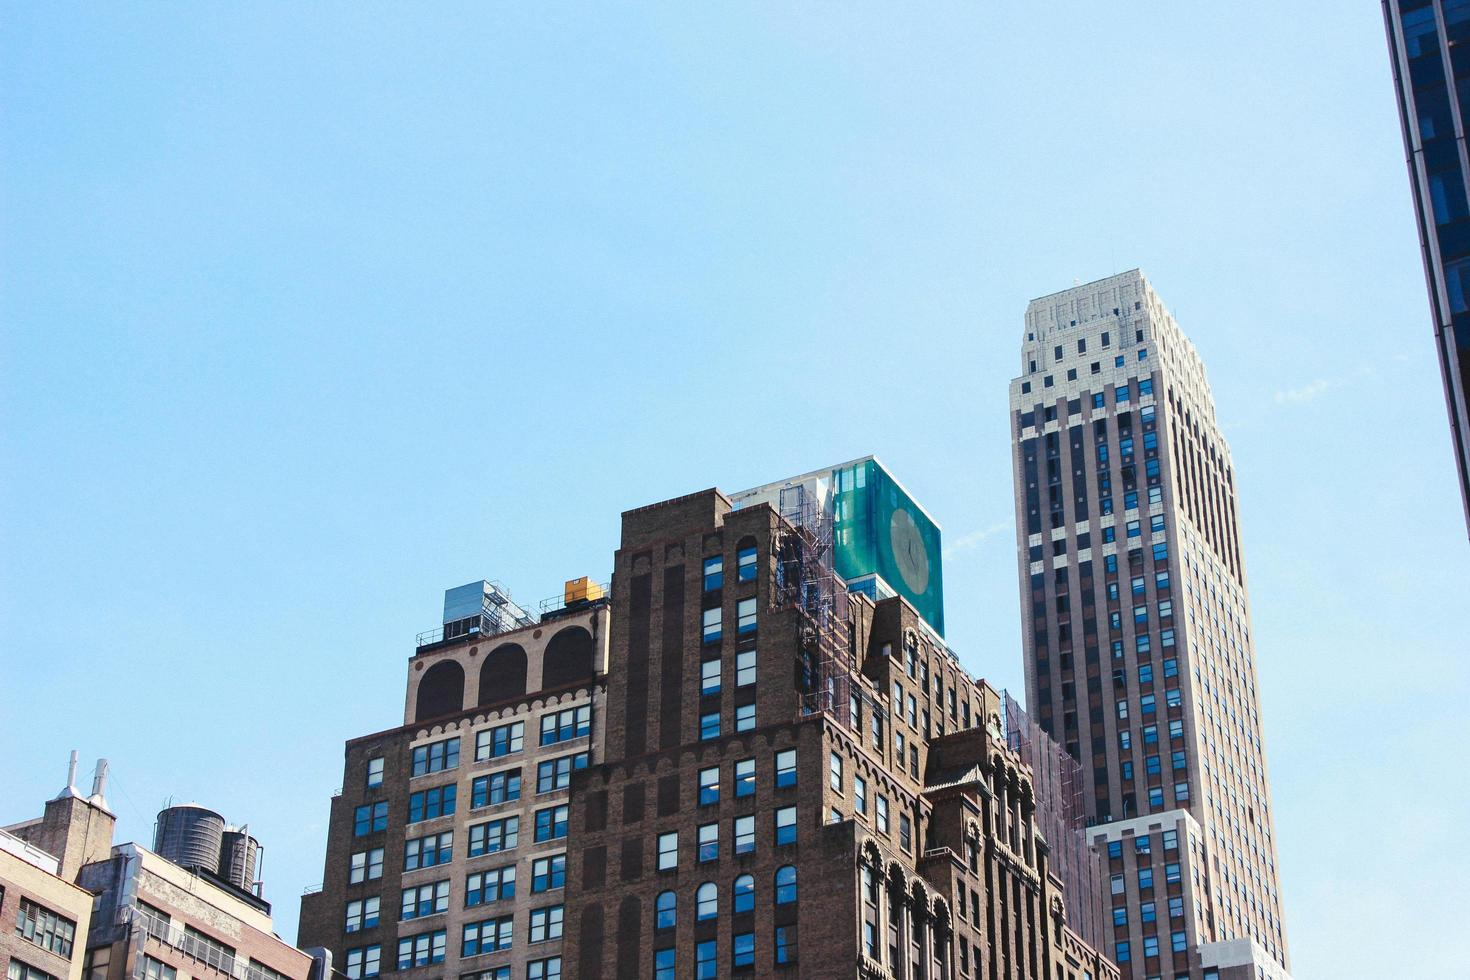 cidade de nova york, 2020 - prédios altos em nyc foto